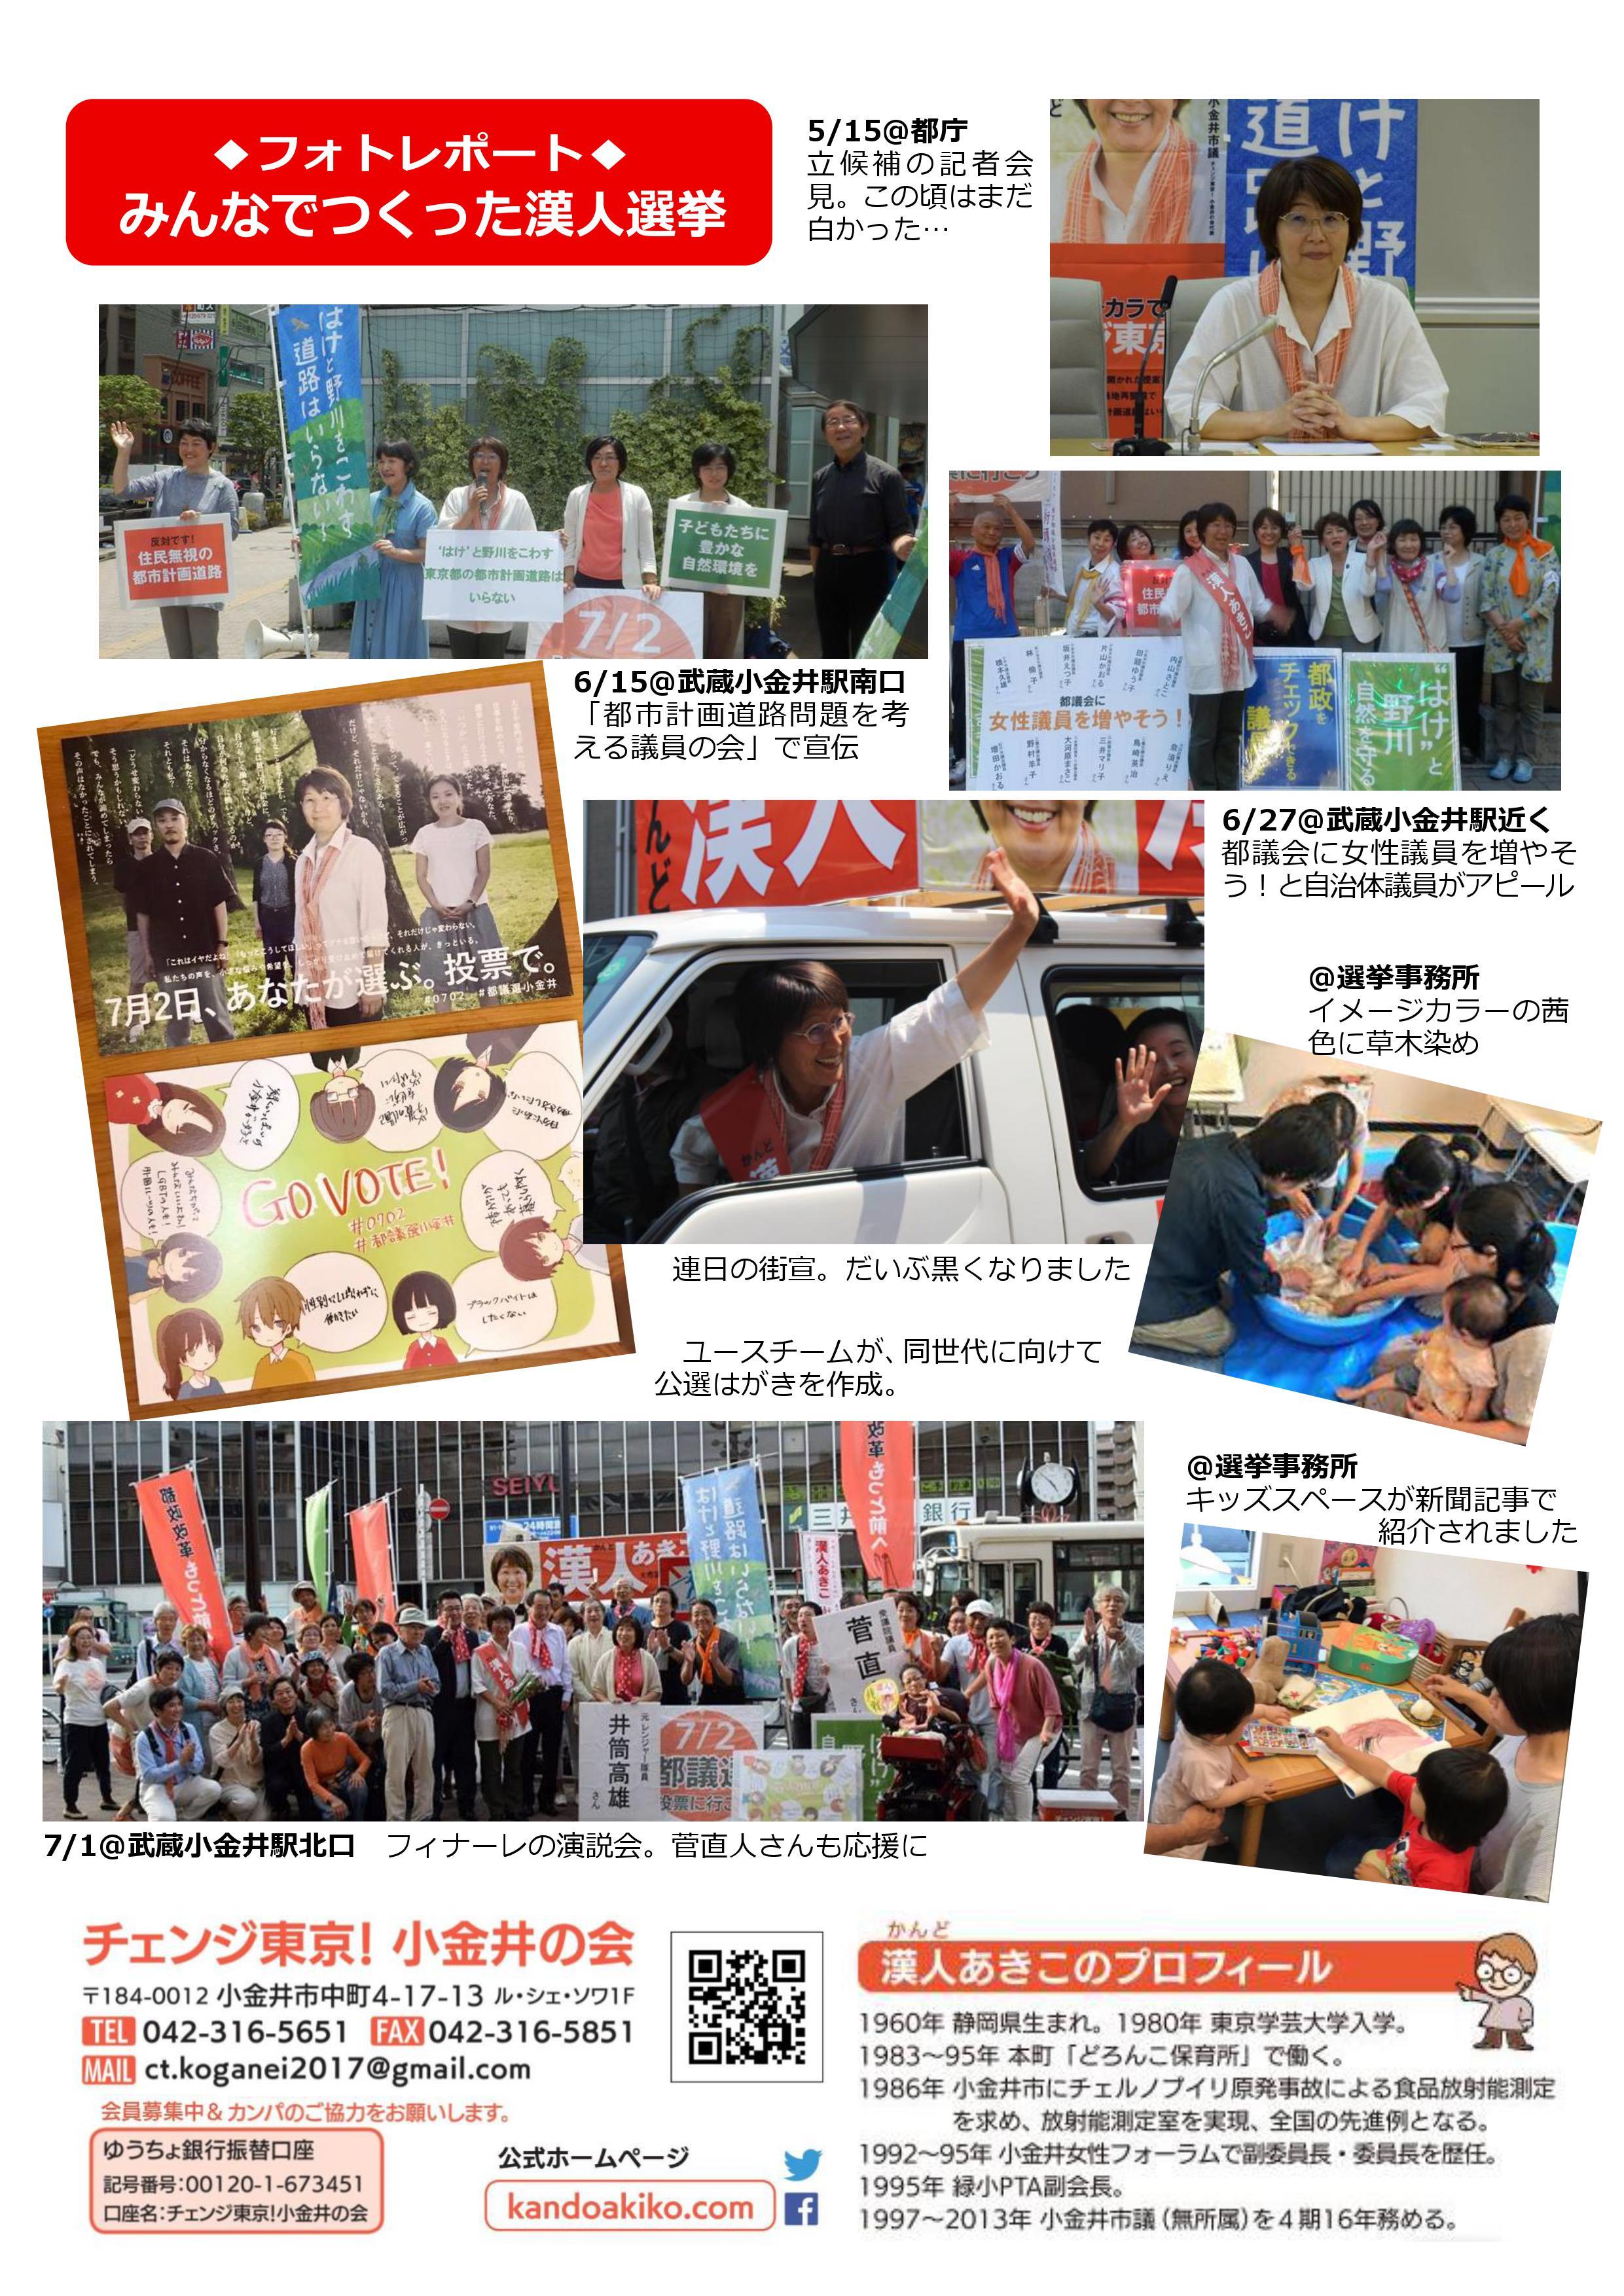 チェンジ東京!小金井の会ニュース 7号-裏